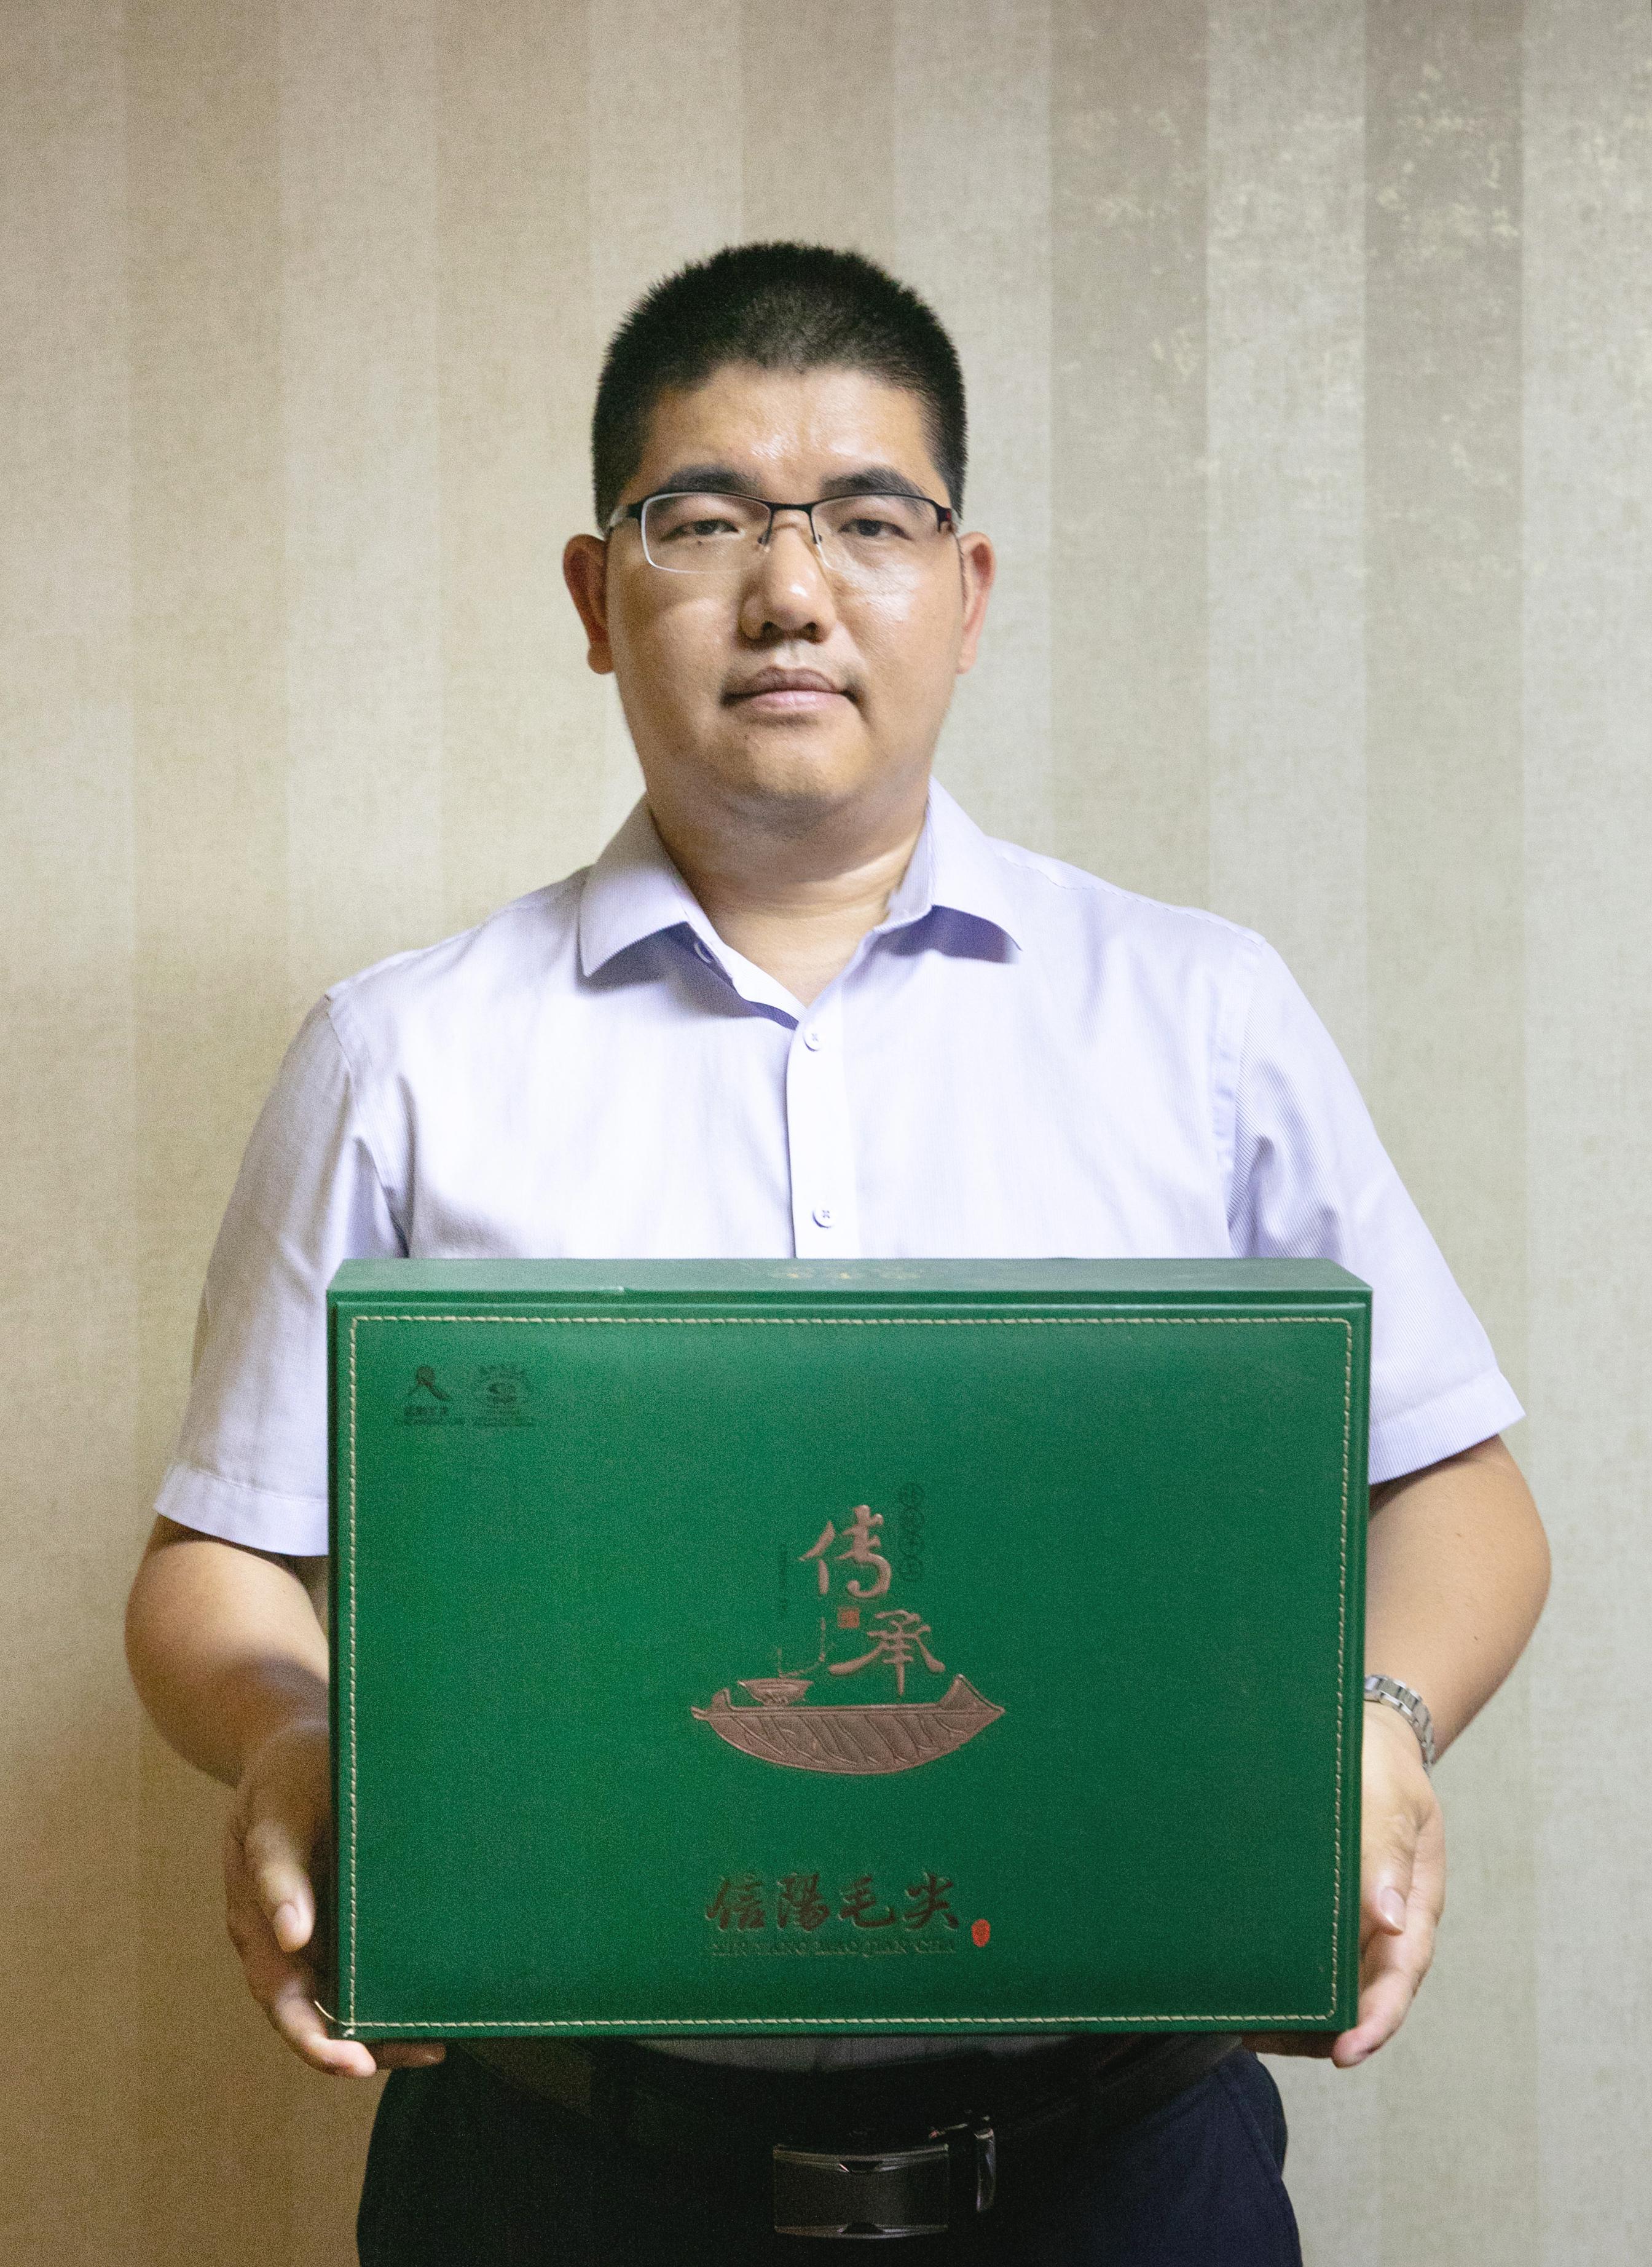 名城名茶 ——李磊老师为信阳毛尖代言